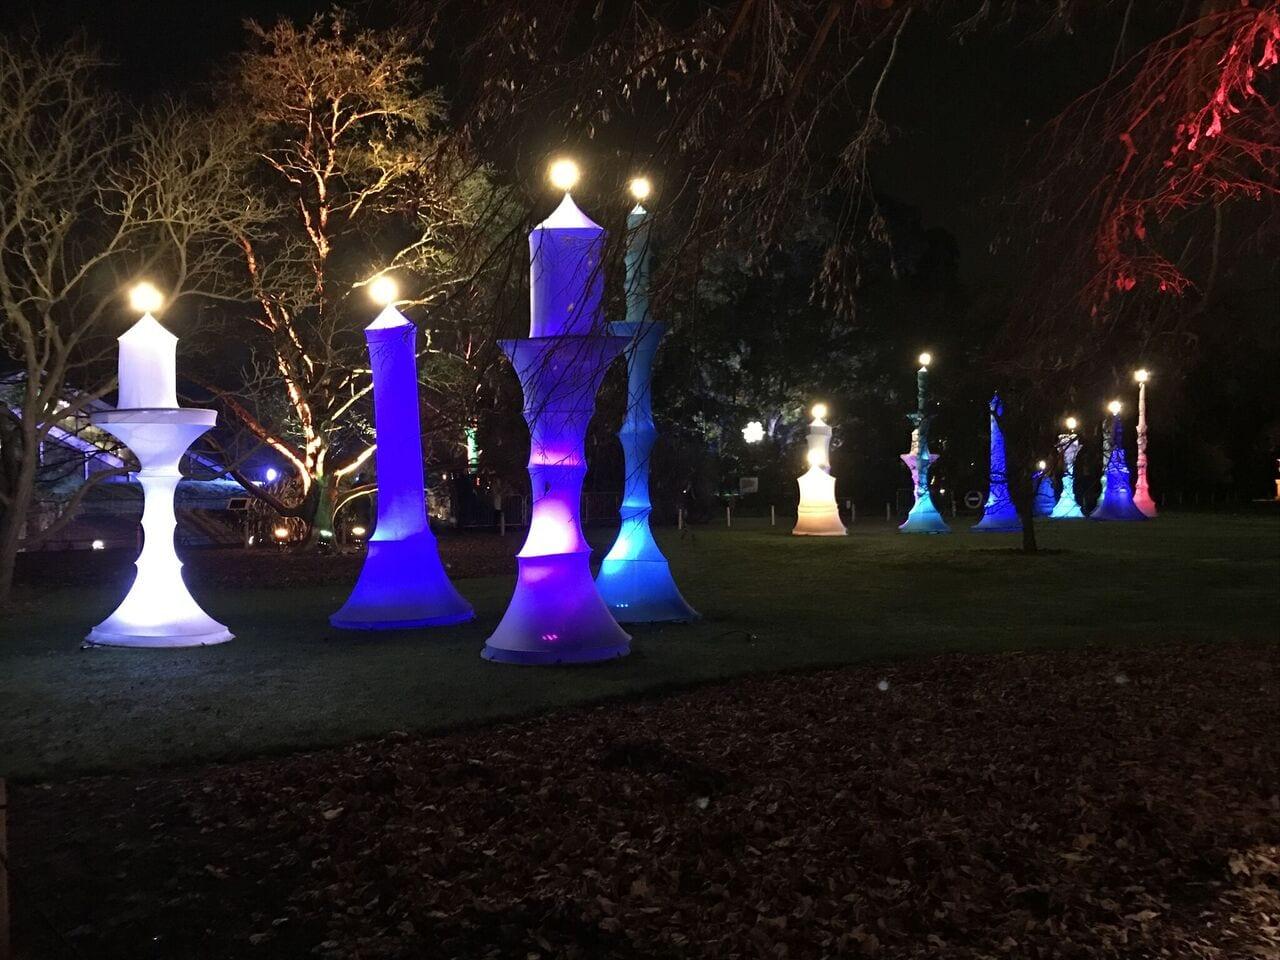 Candlesticks at Christmas at Kew